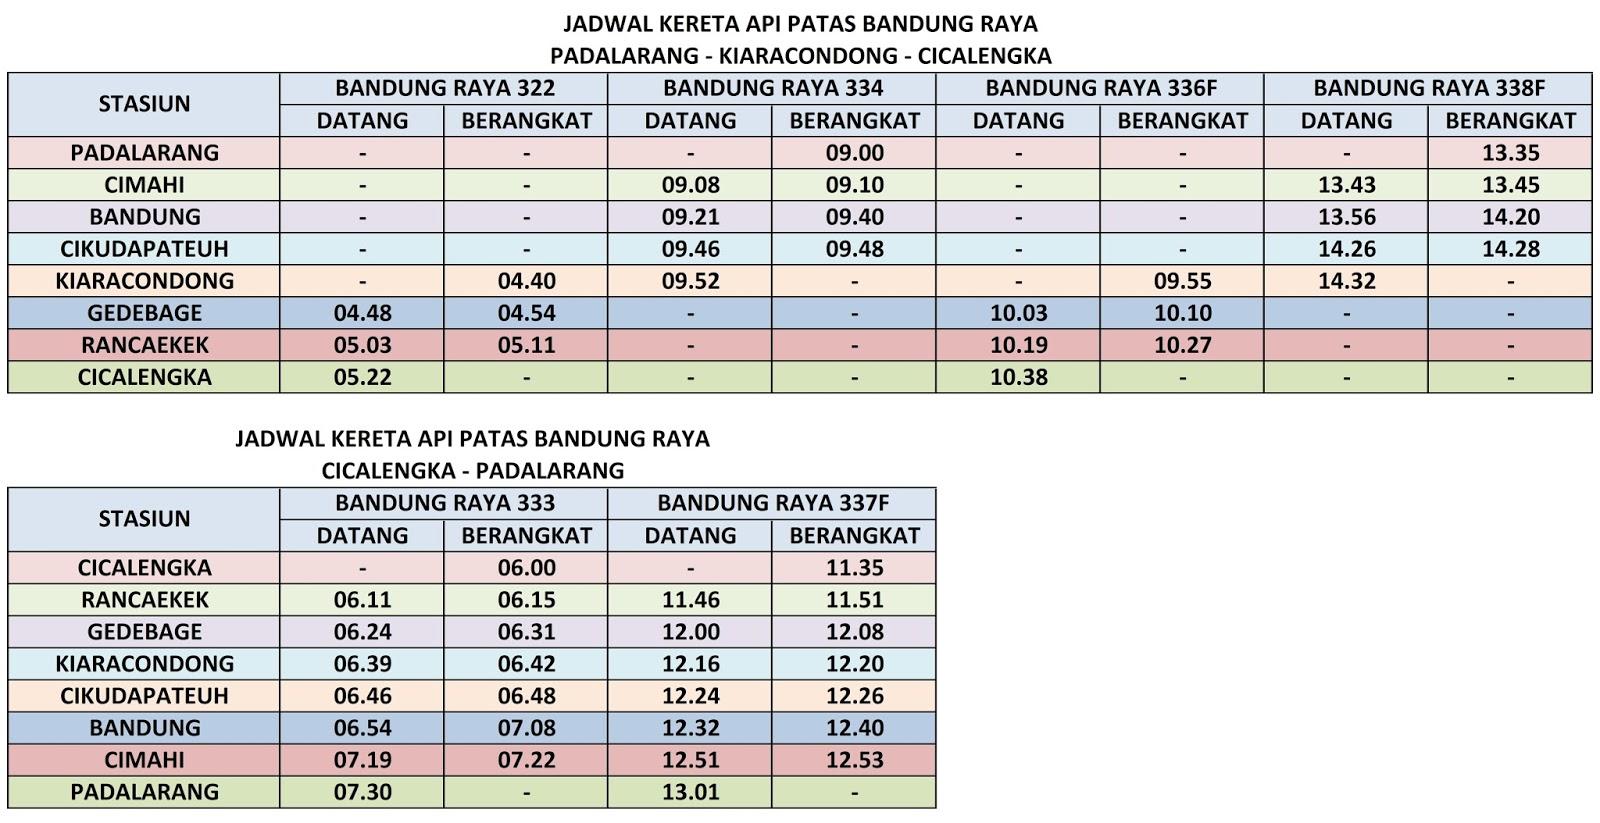 jadwal kereta api patas bandung raya padalarang bandung rh javaneselocaltrainschedule blogspot com